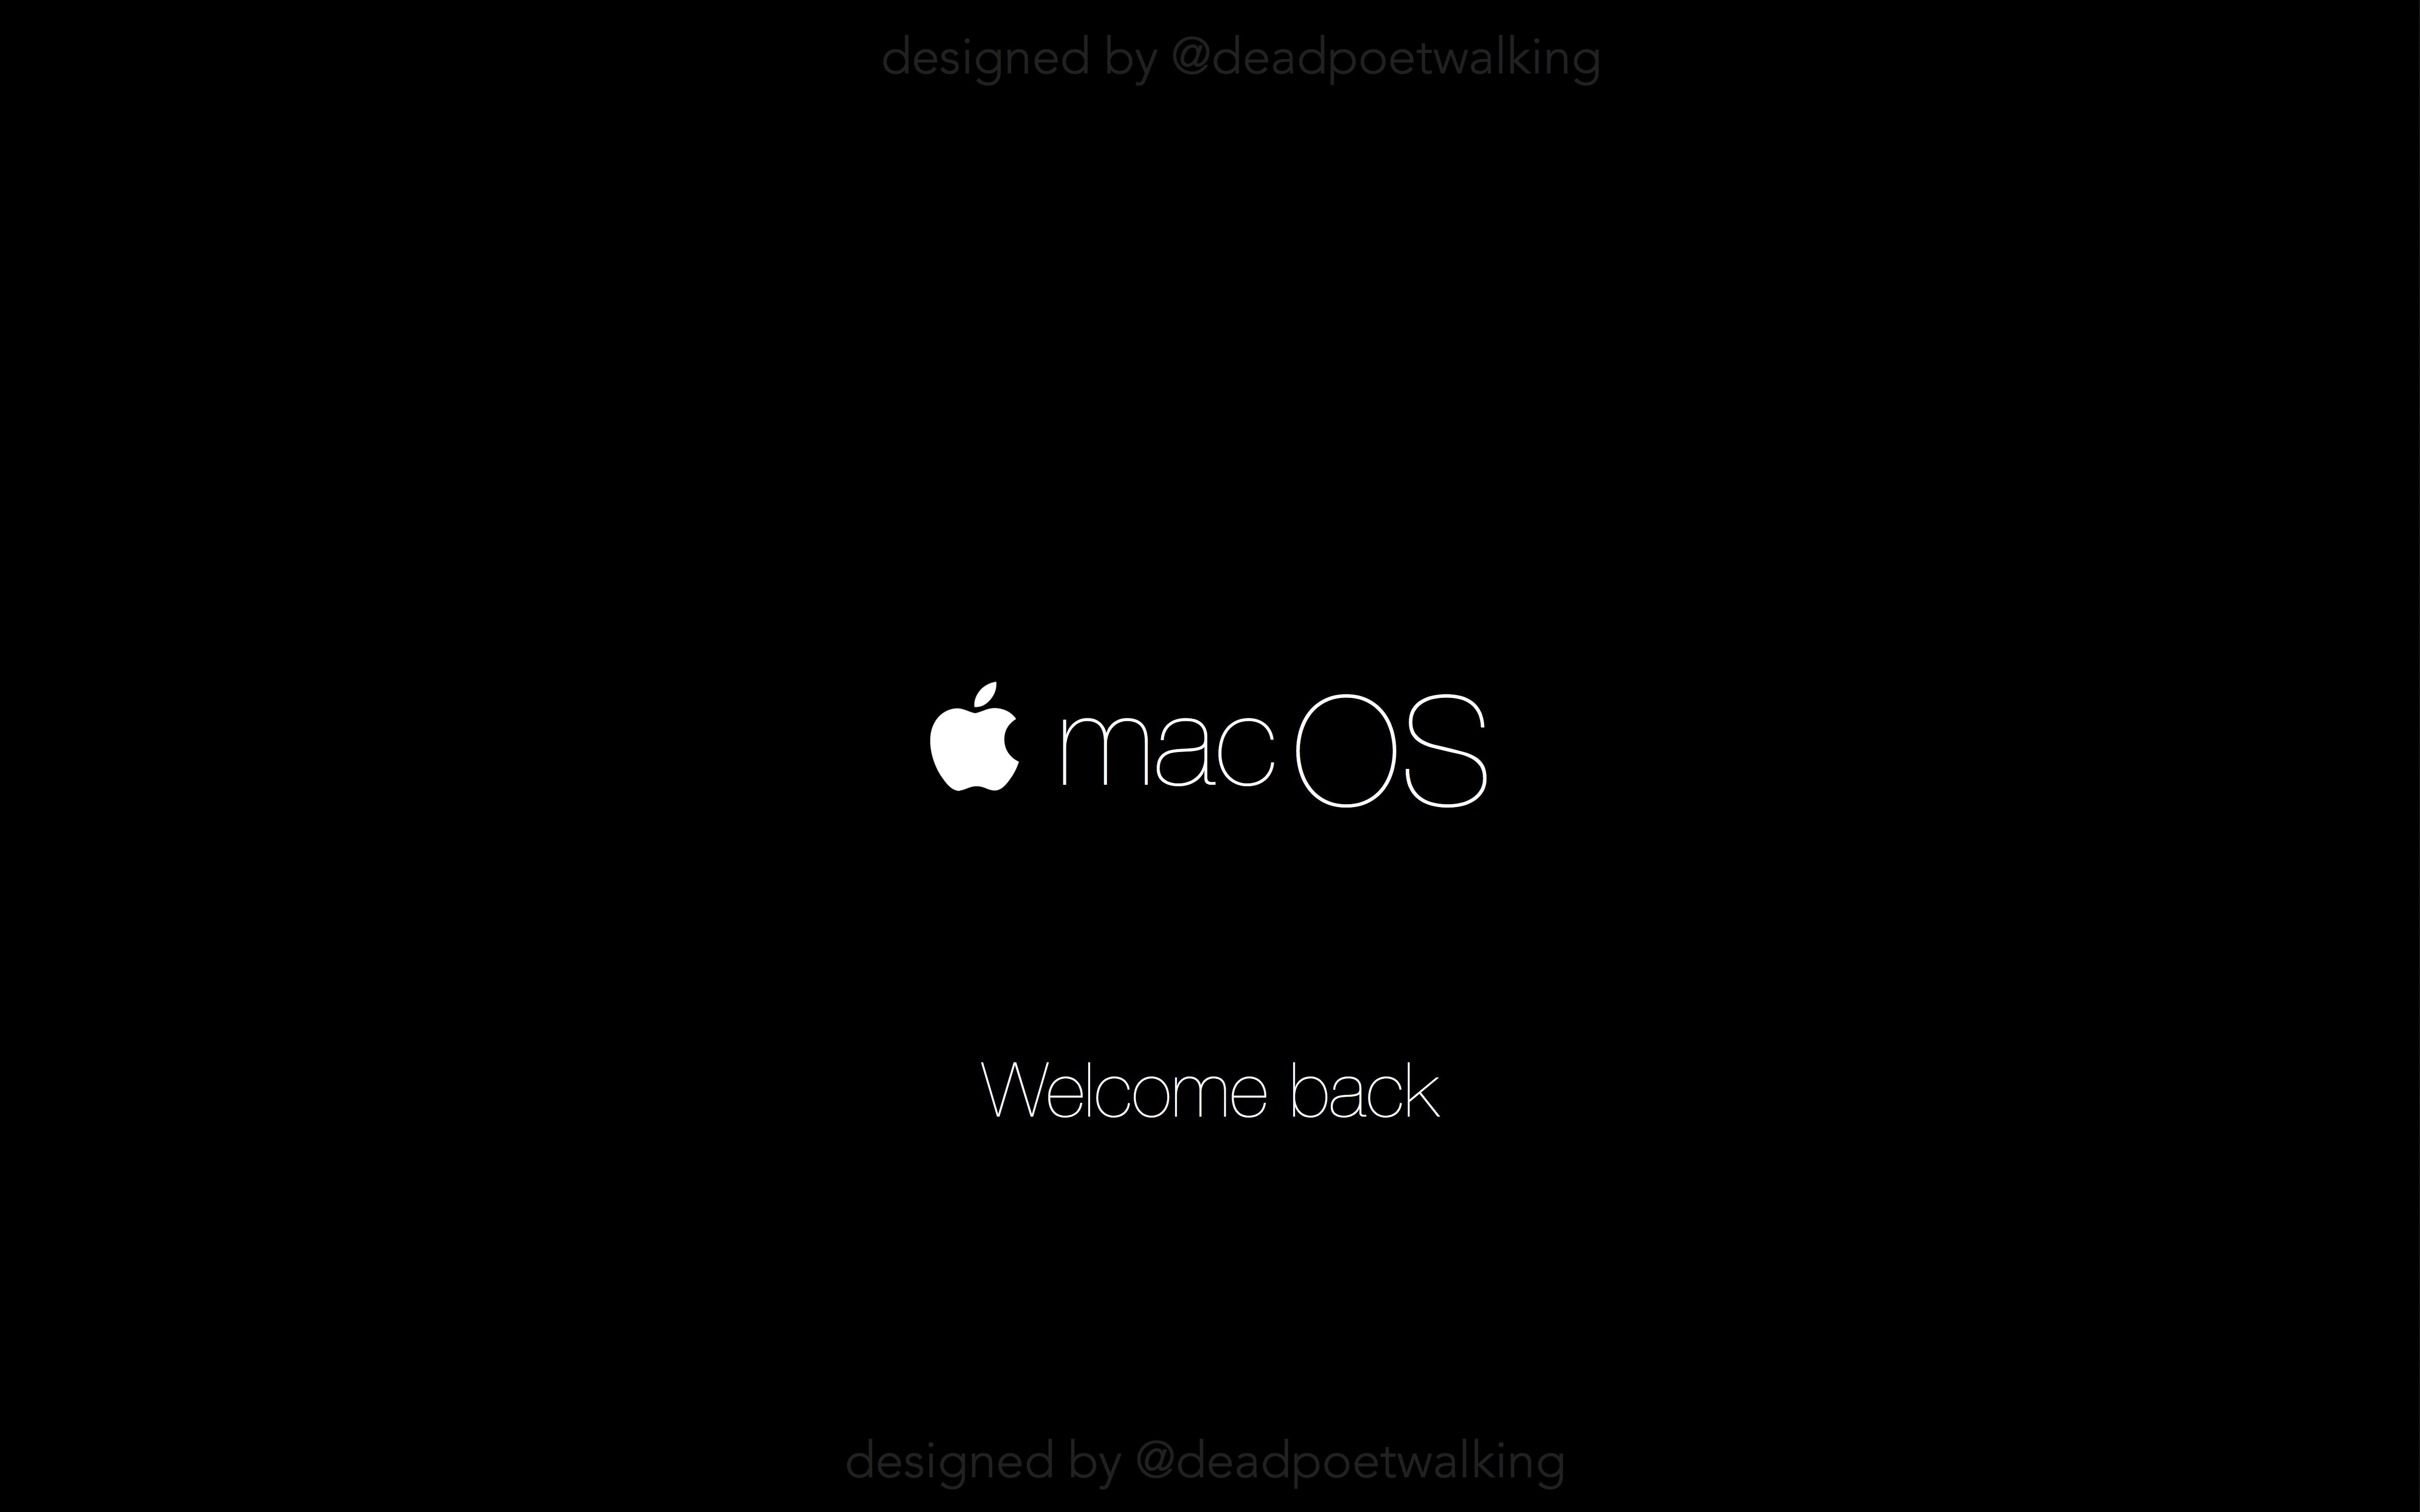 macOS black6.jpg